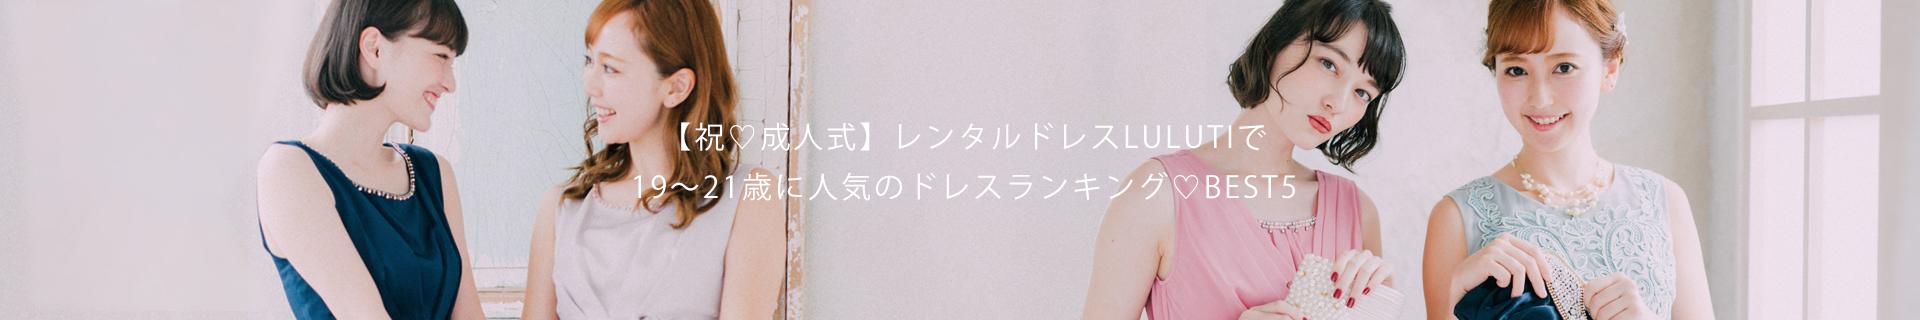 【祝♡成人式】レンタルドレスLULUTIで19~21歳に人気のドレスランキング♡BEST5